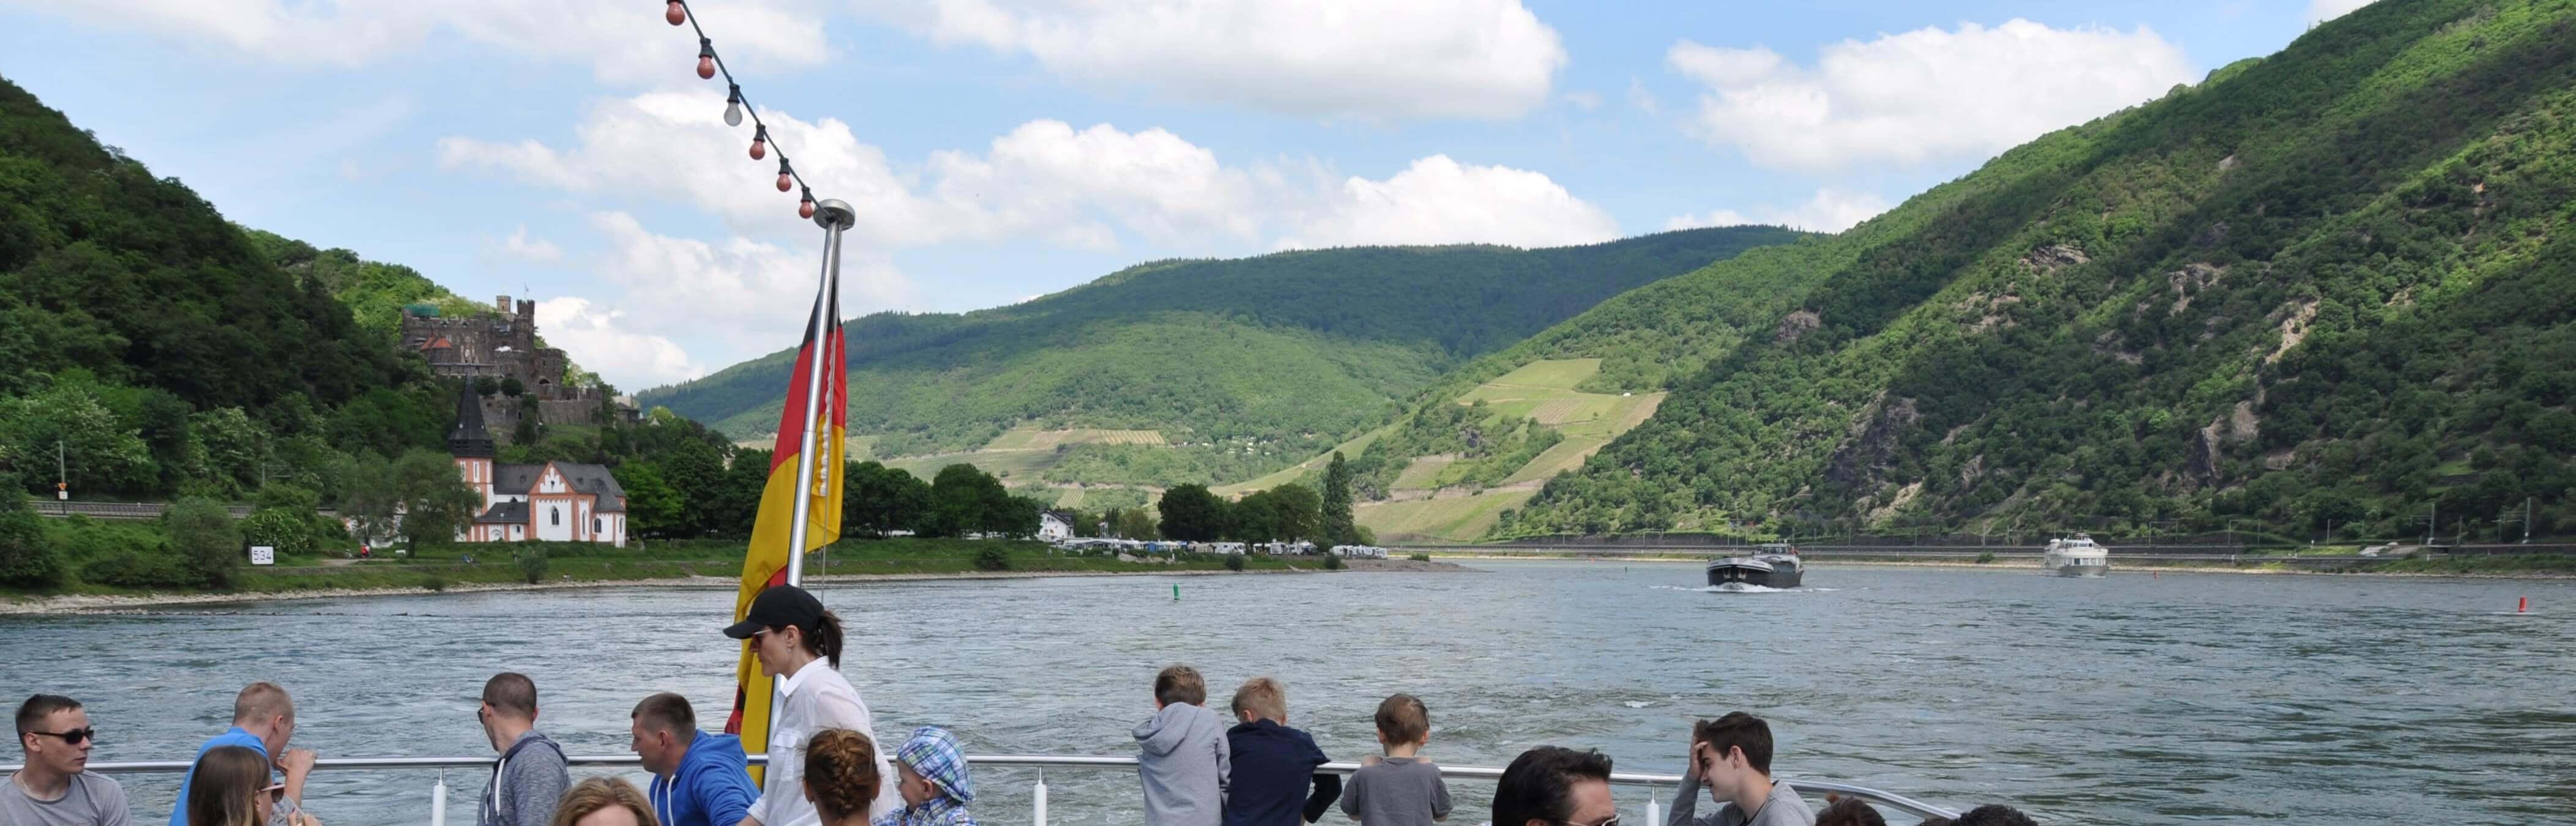 Rheinschiffe